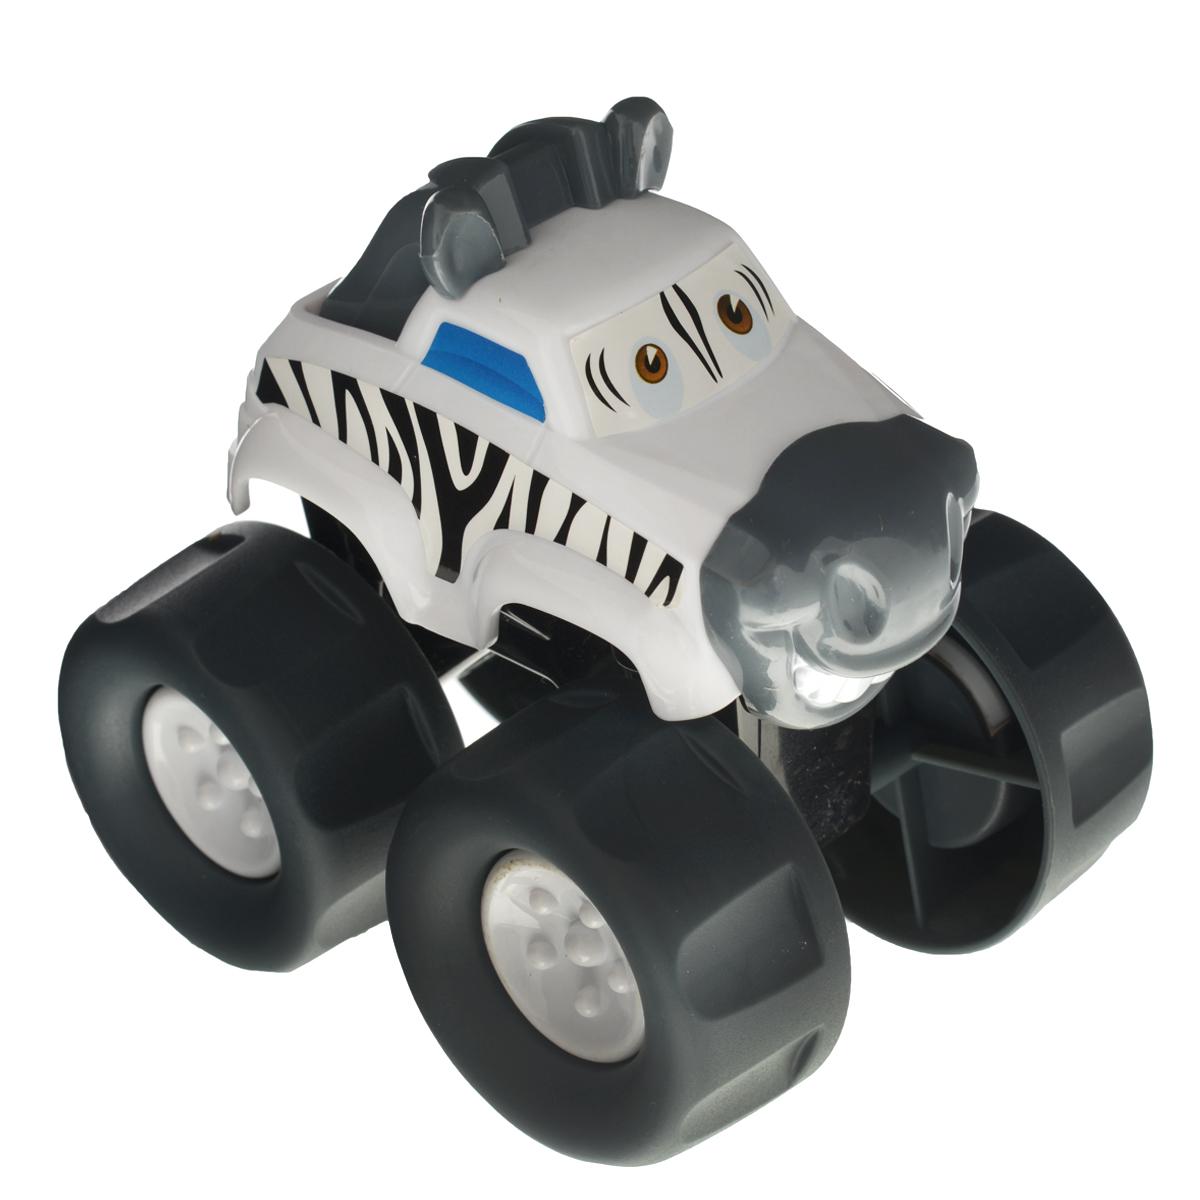 Playgo Развивающая игрушка Машинка-зебраPlay 20285/4Развивающая игрушка Playgo Машинка-зебра понравится вашему малышу. Машинка выполнена из безопасного пластика; корпус стилизован под зебру. Большие колеса с крупным протектором обеспечивают хорошую проходимость. Такая игрушка способствует развитию у малыша тактильных ощущений, мелкой моторики рук и координации движений.